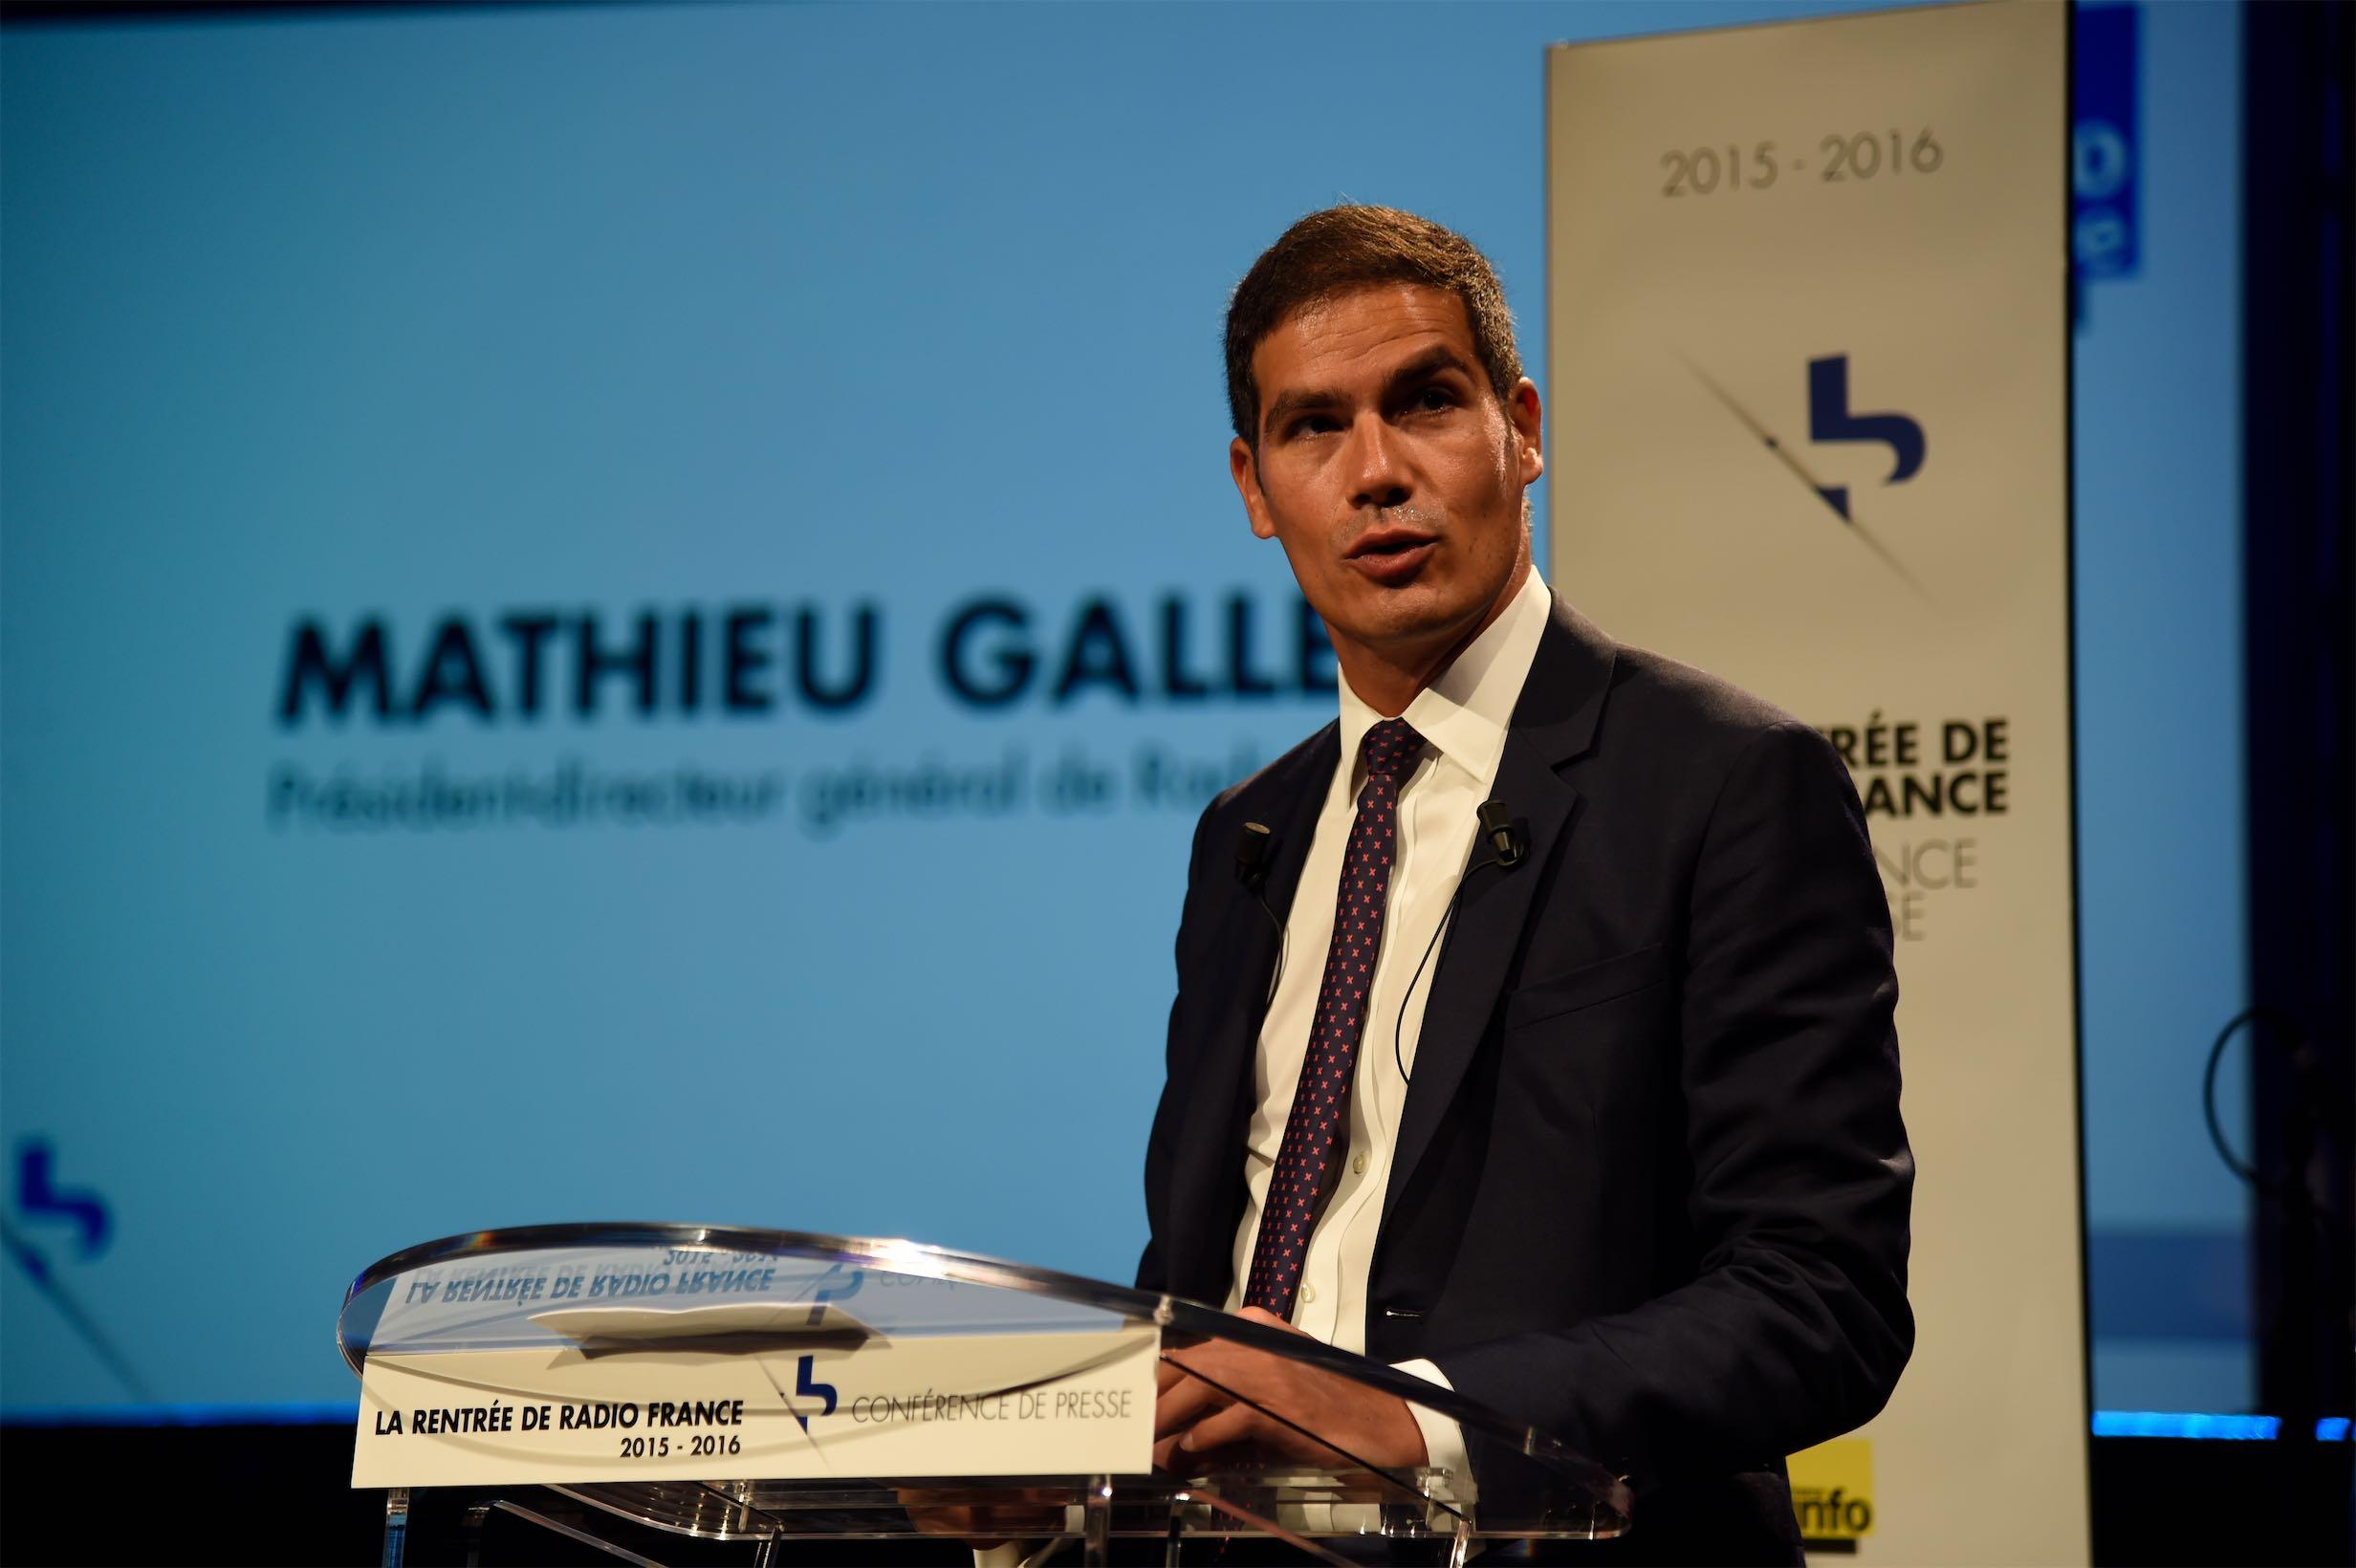 Le recours de Mathieu Gallet devant le Conseil d'État